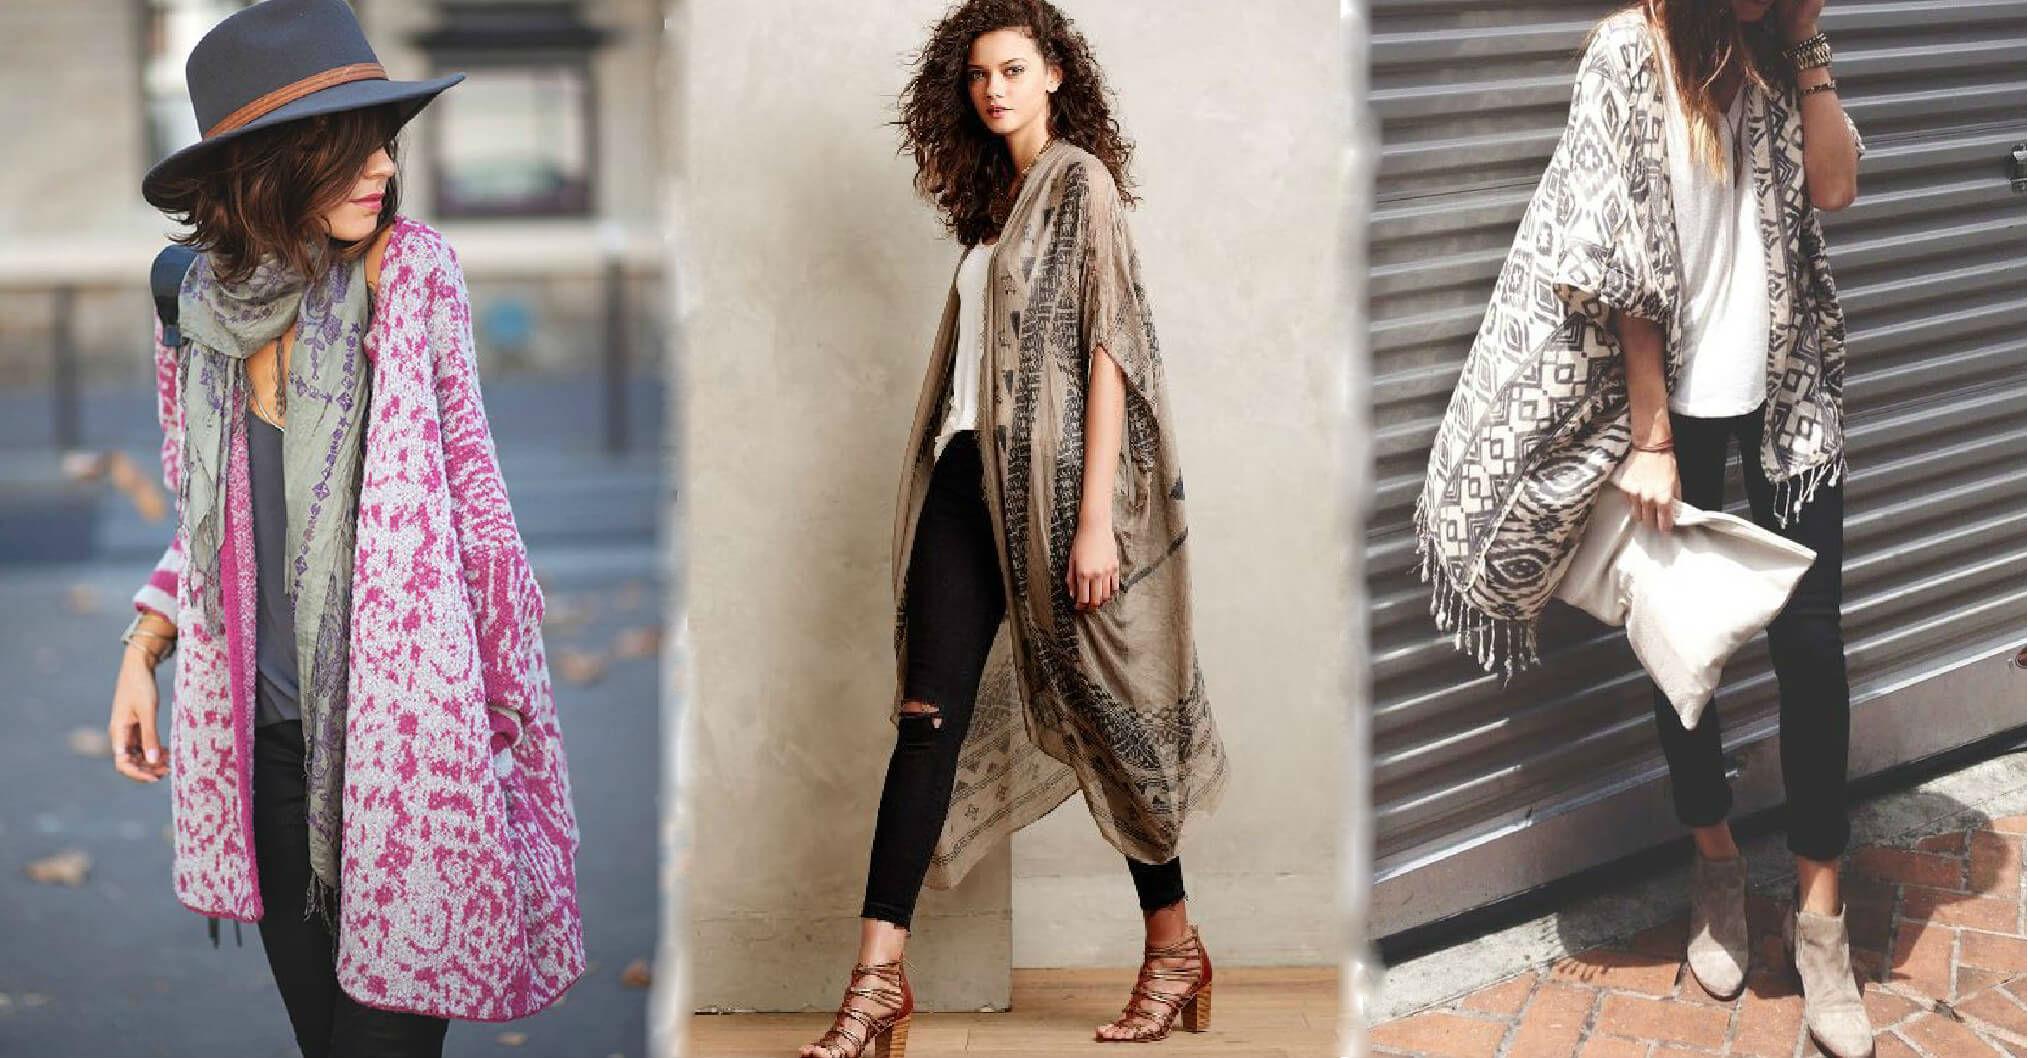 7 советов, которые помогут выглядеть ультра модно